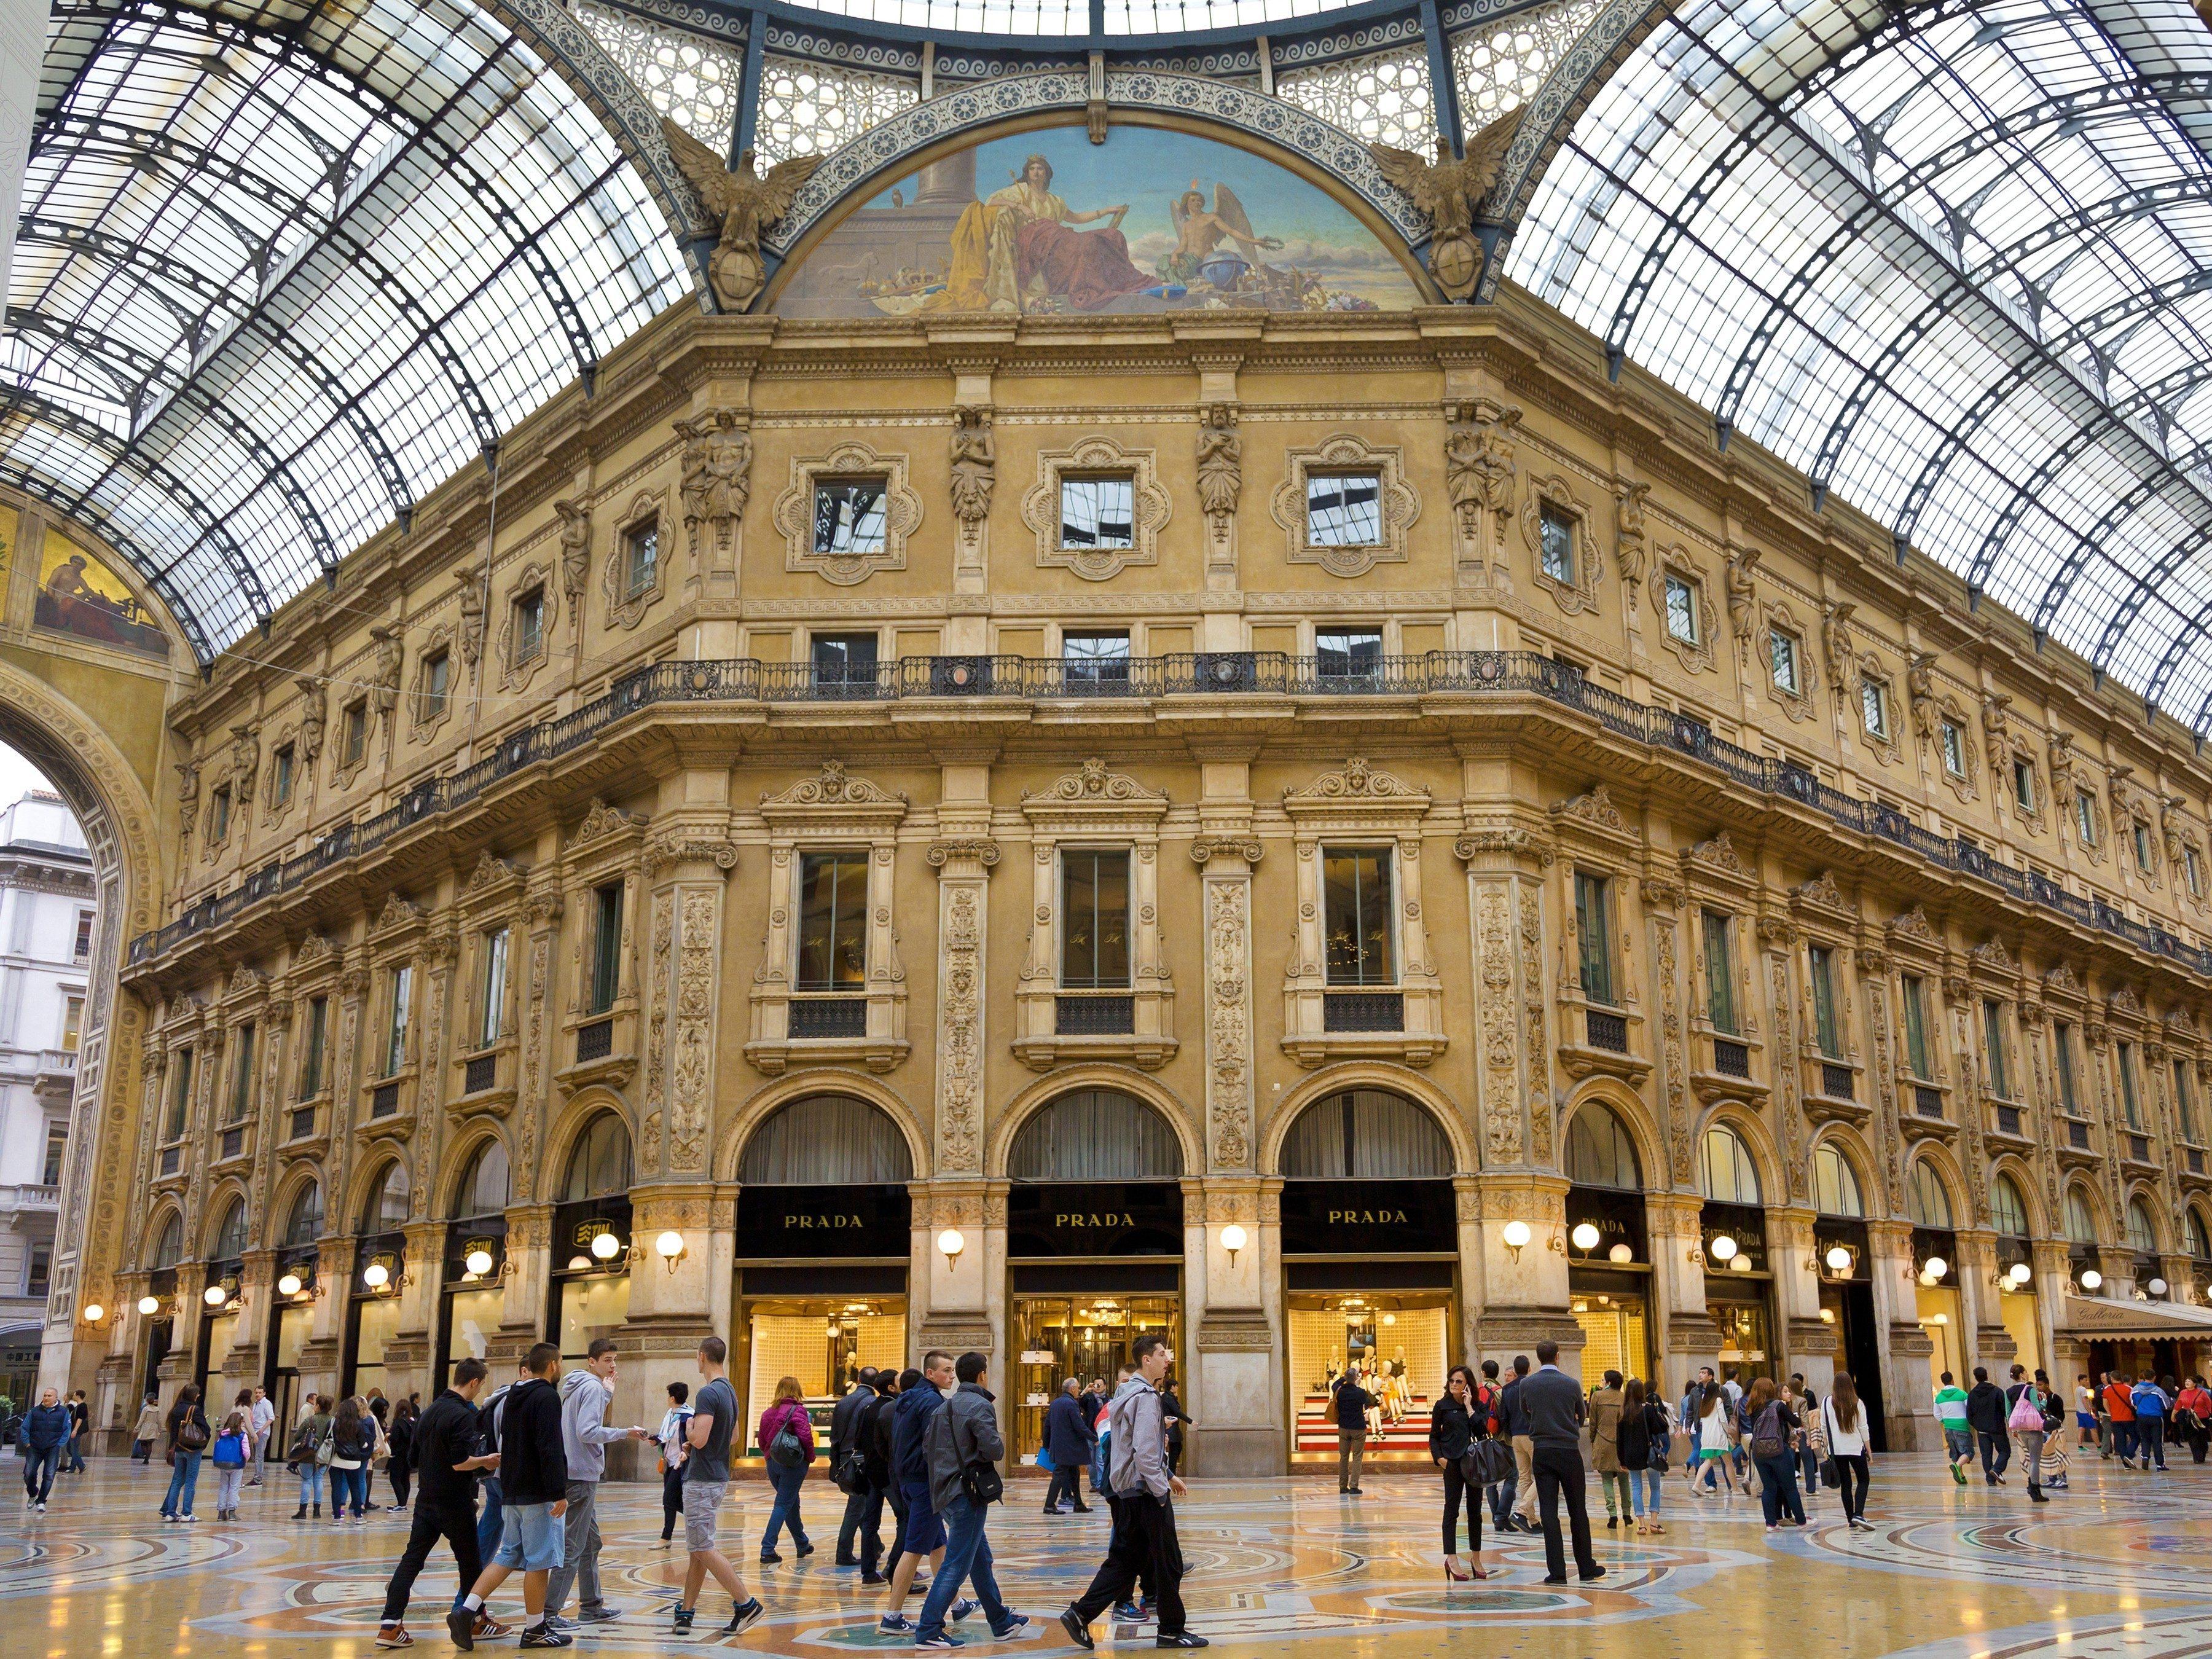 2. Galleria Vittorio Emmanuele, Milano